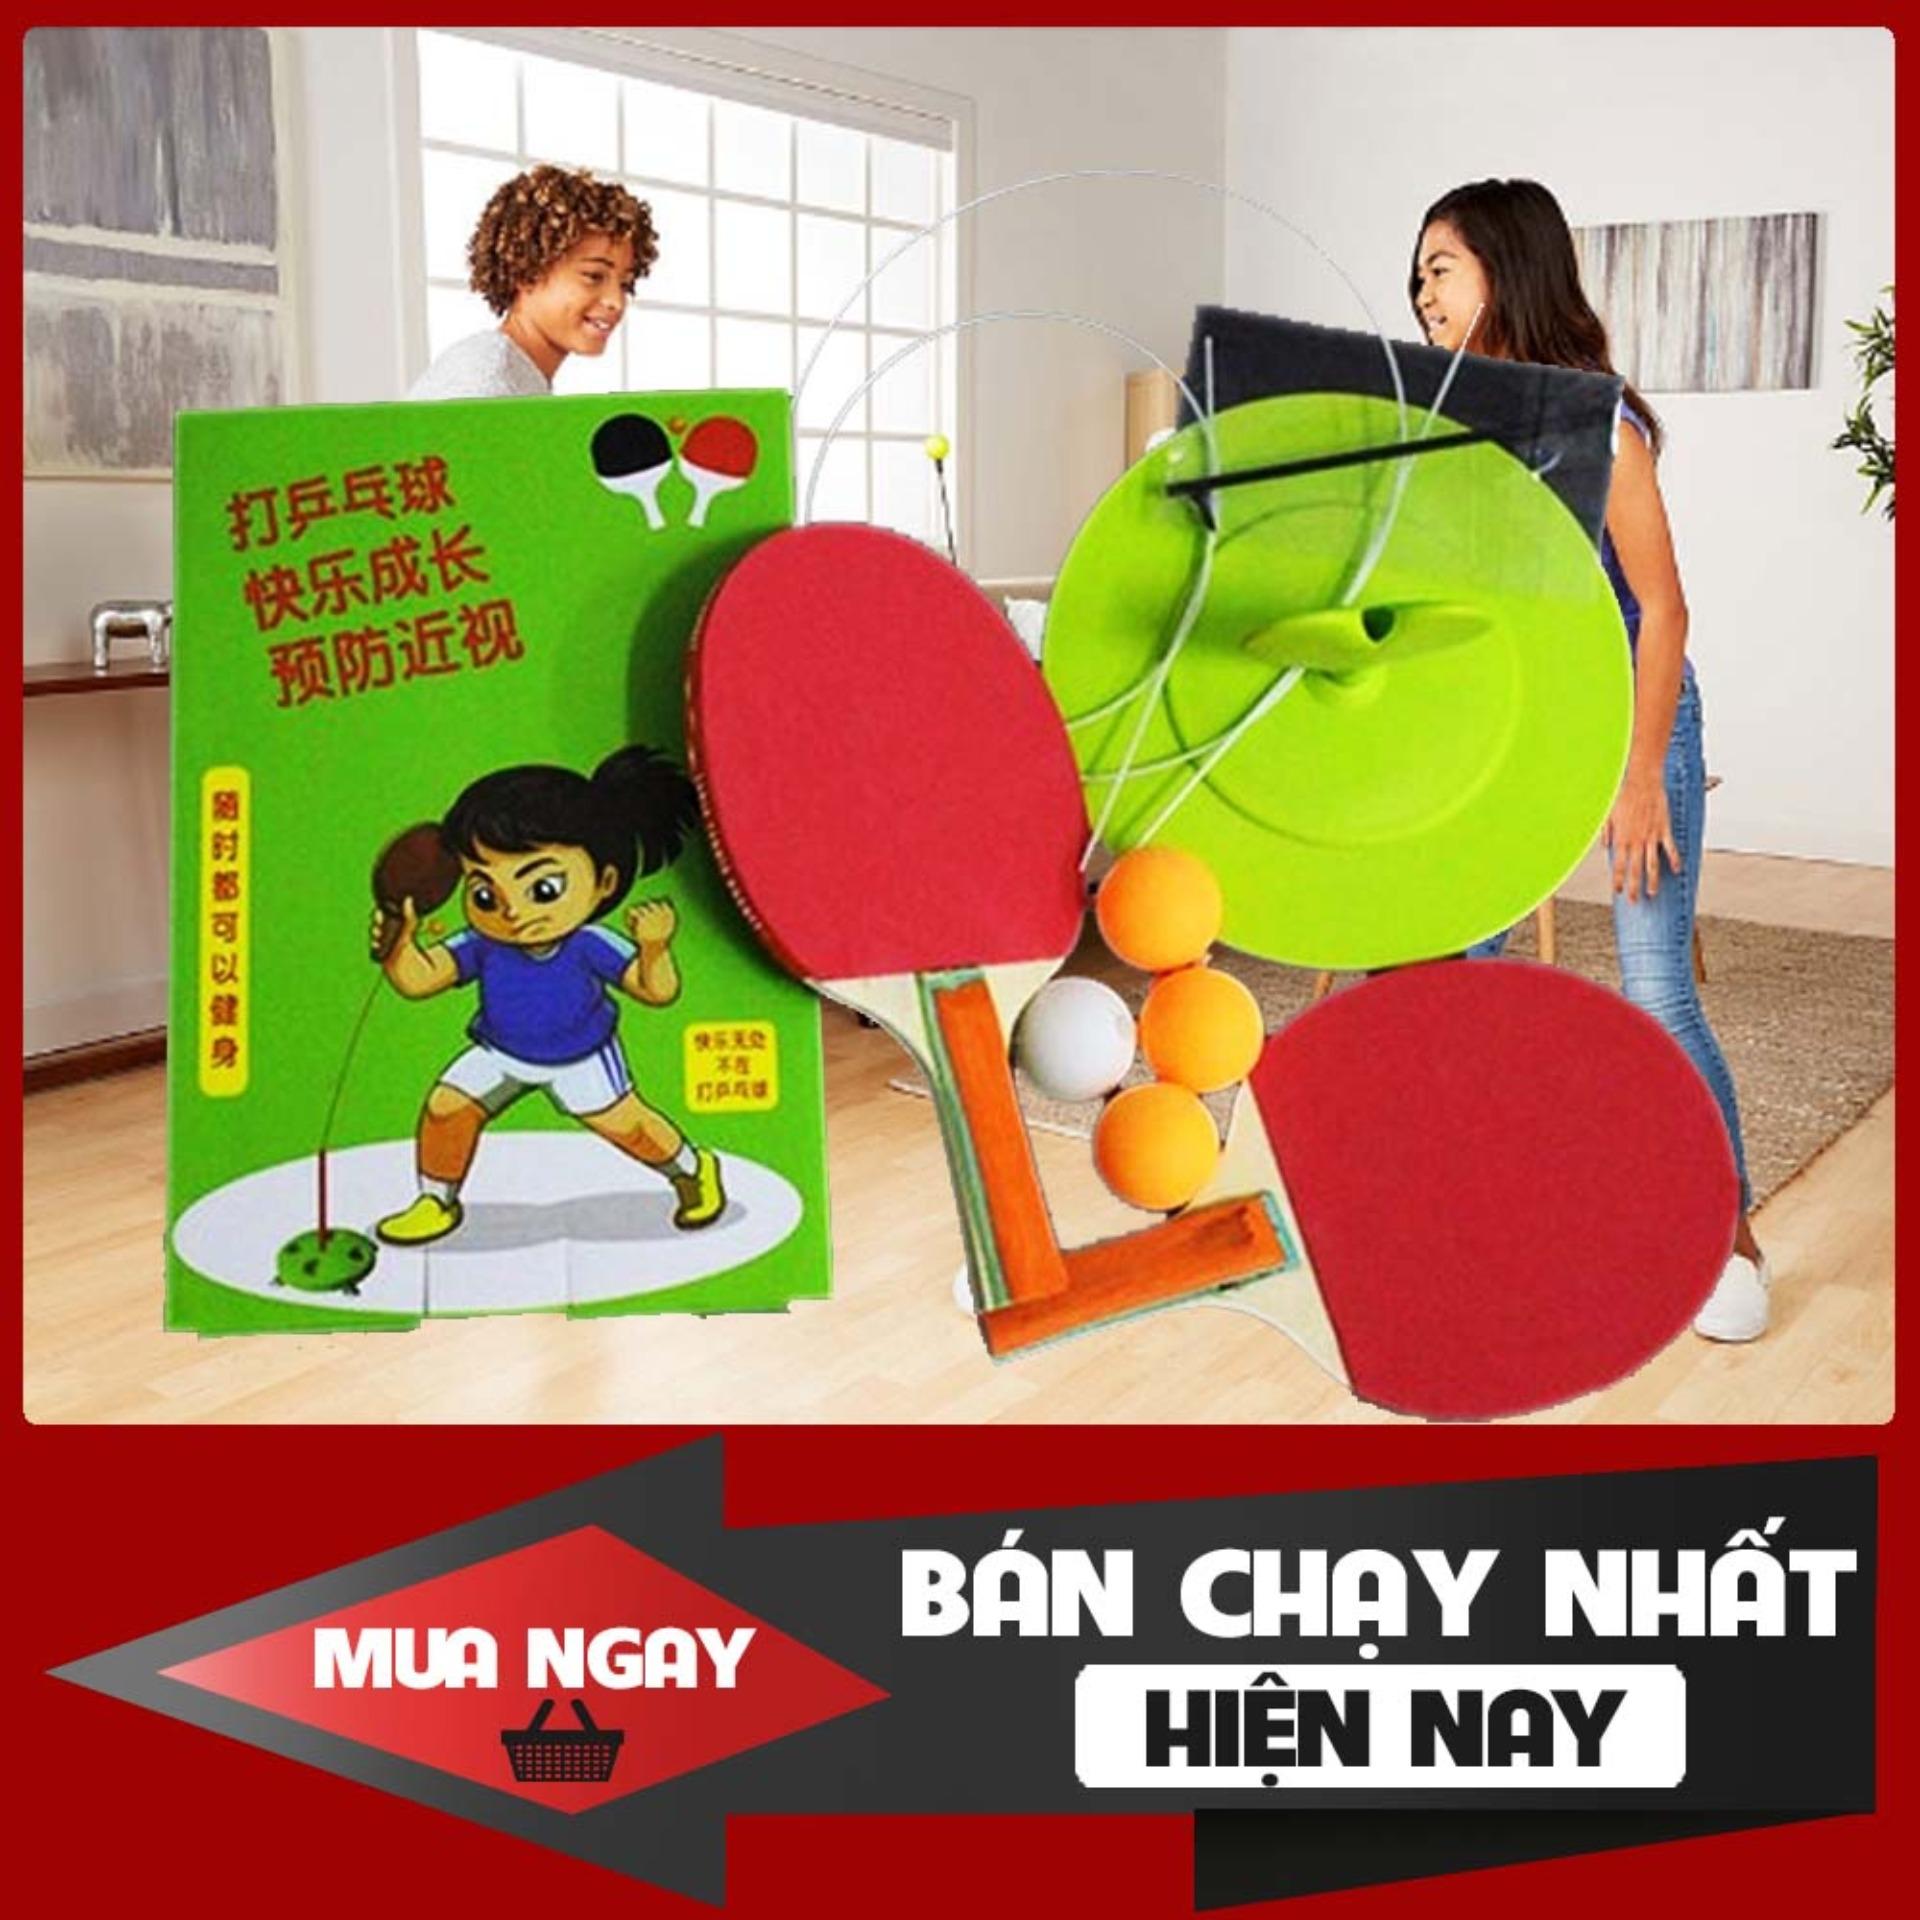 Bảng giá [Vợt gỗ] Bộ Bóng bàn luyện phản xạ - Bộ đồ chơi bóng phản xạ - Dụng cụ tập đánh bóng bàn cho mọi lứa tuổi  (gồm 4 bóng, 2 dây)